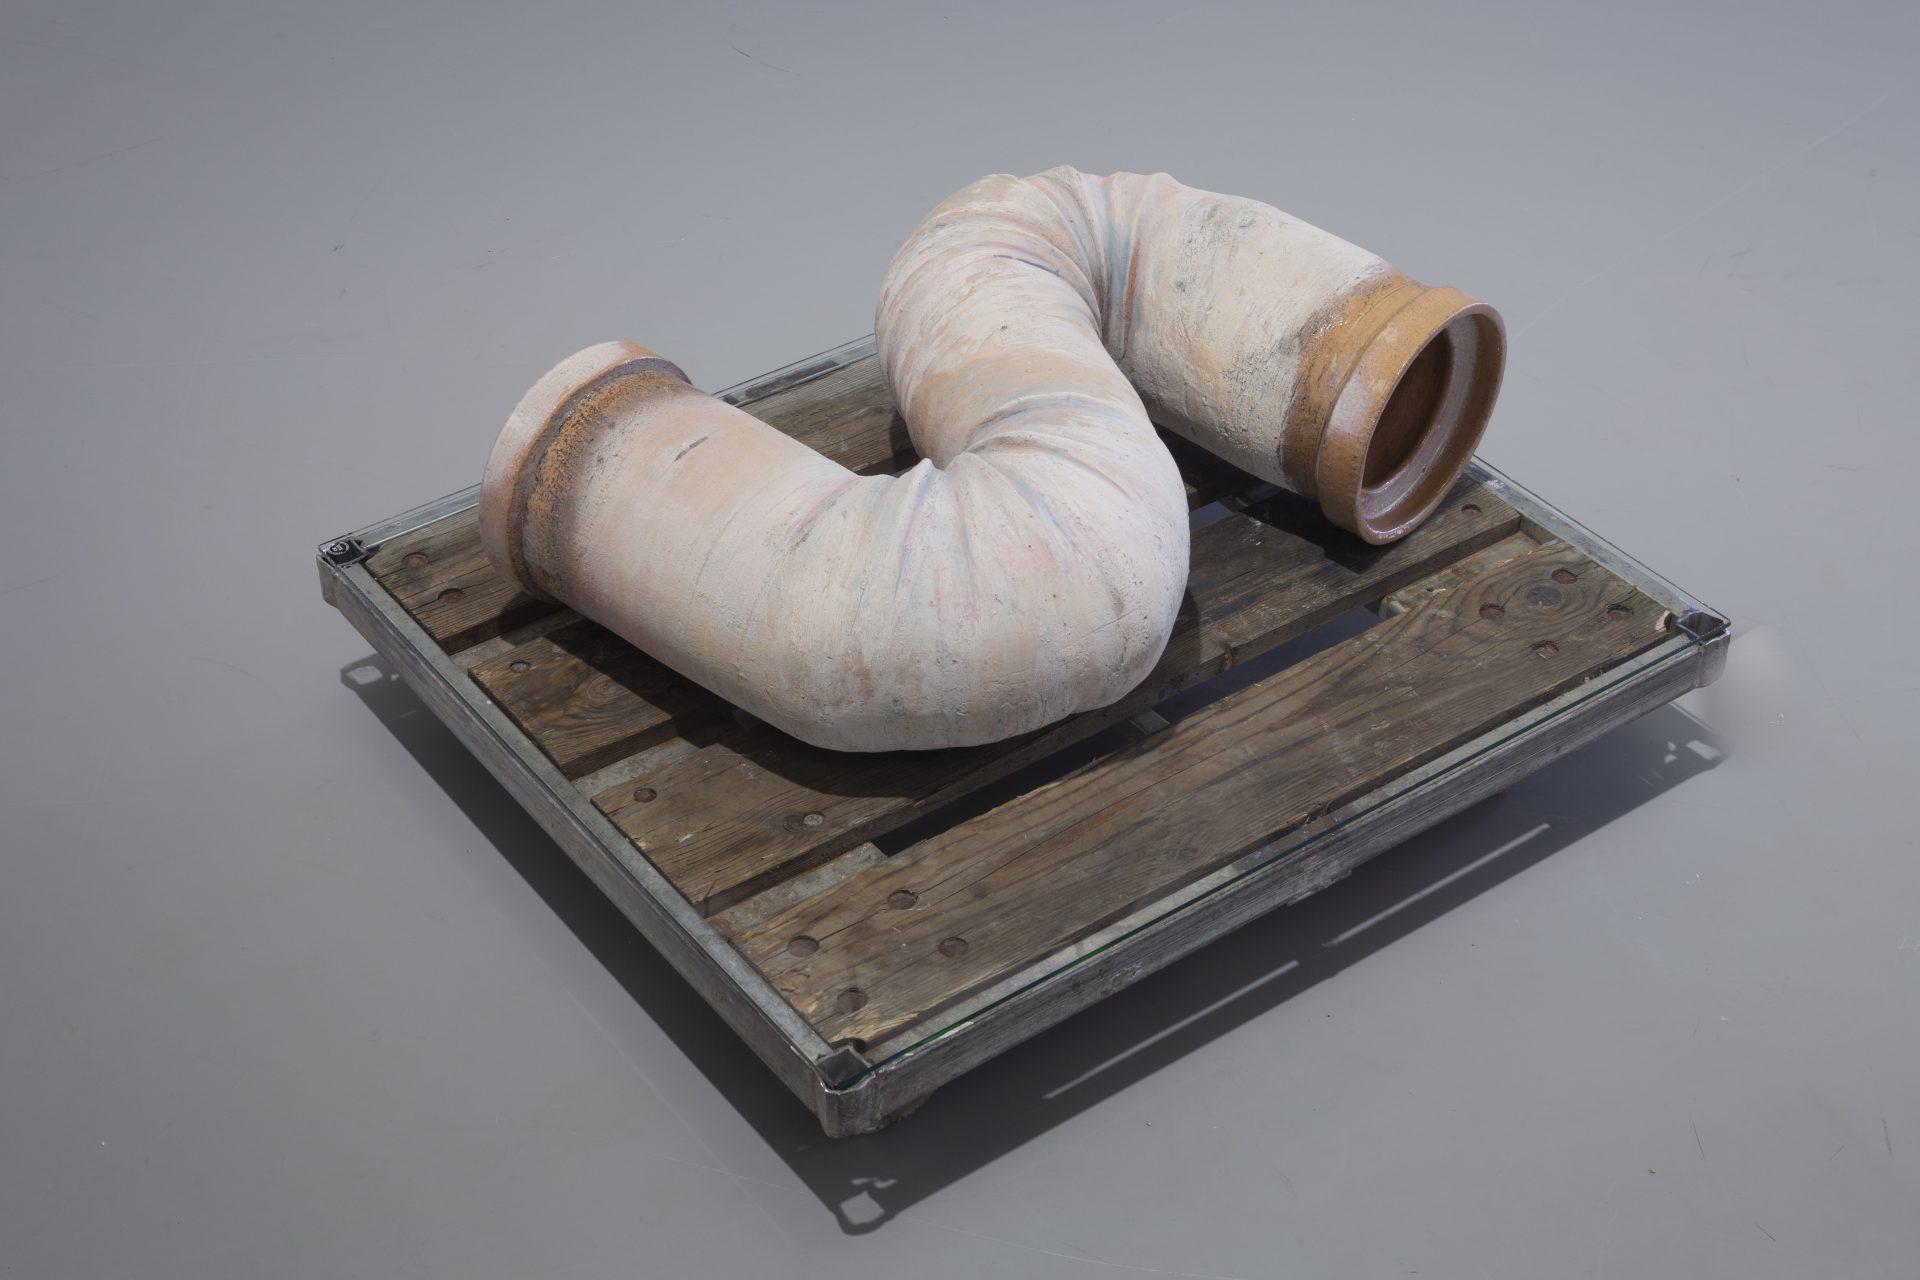 23.08.21 – Jumana Manna, 'Thirty Plumbers in the Belly', M HKA, Antwerp, reviewed in Artforum